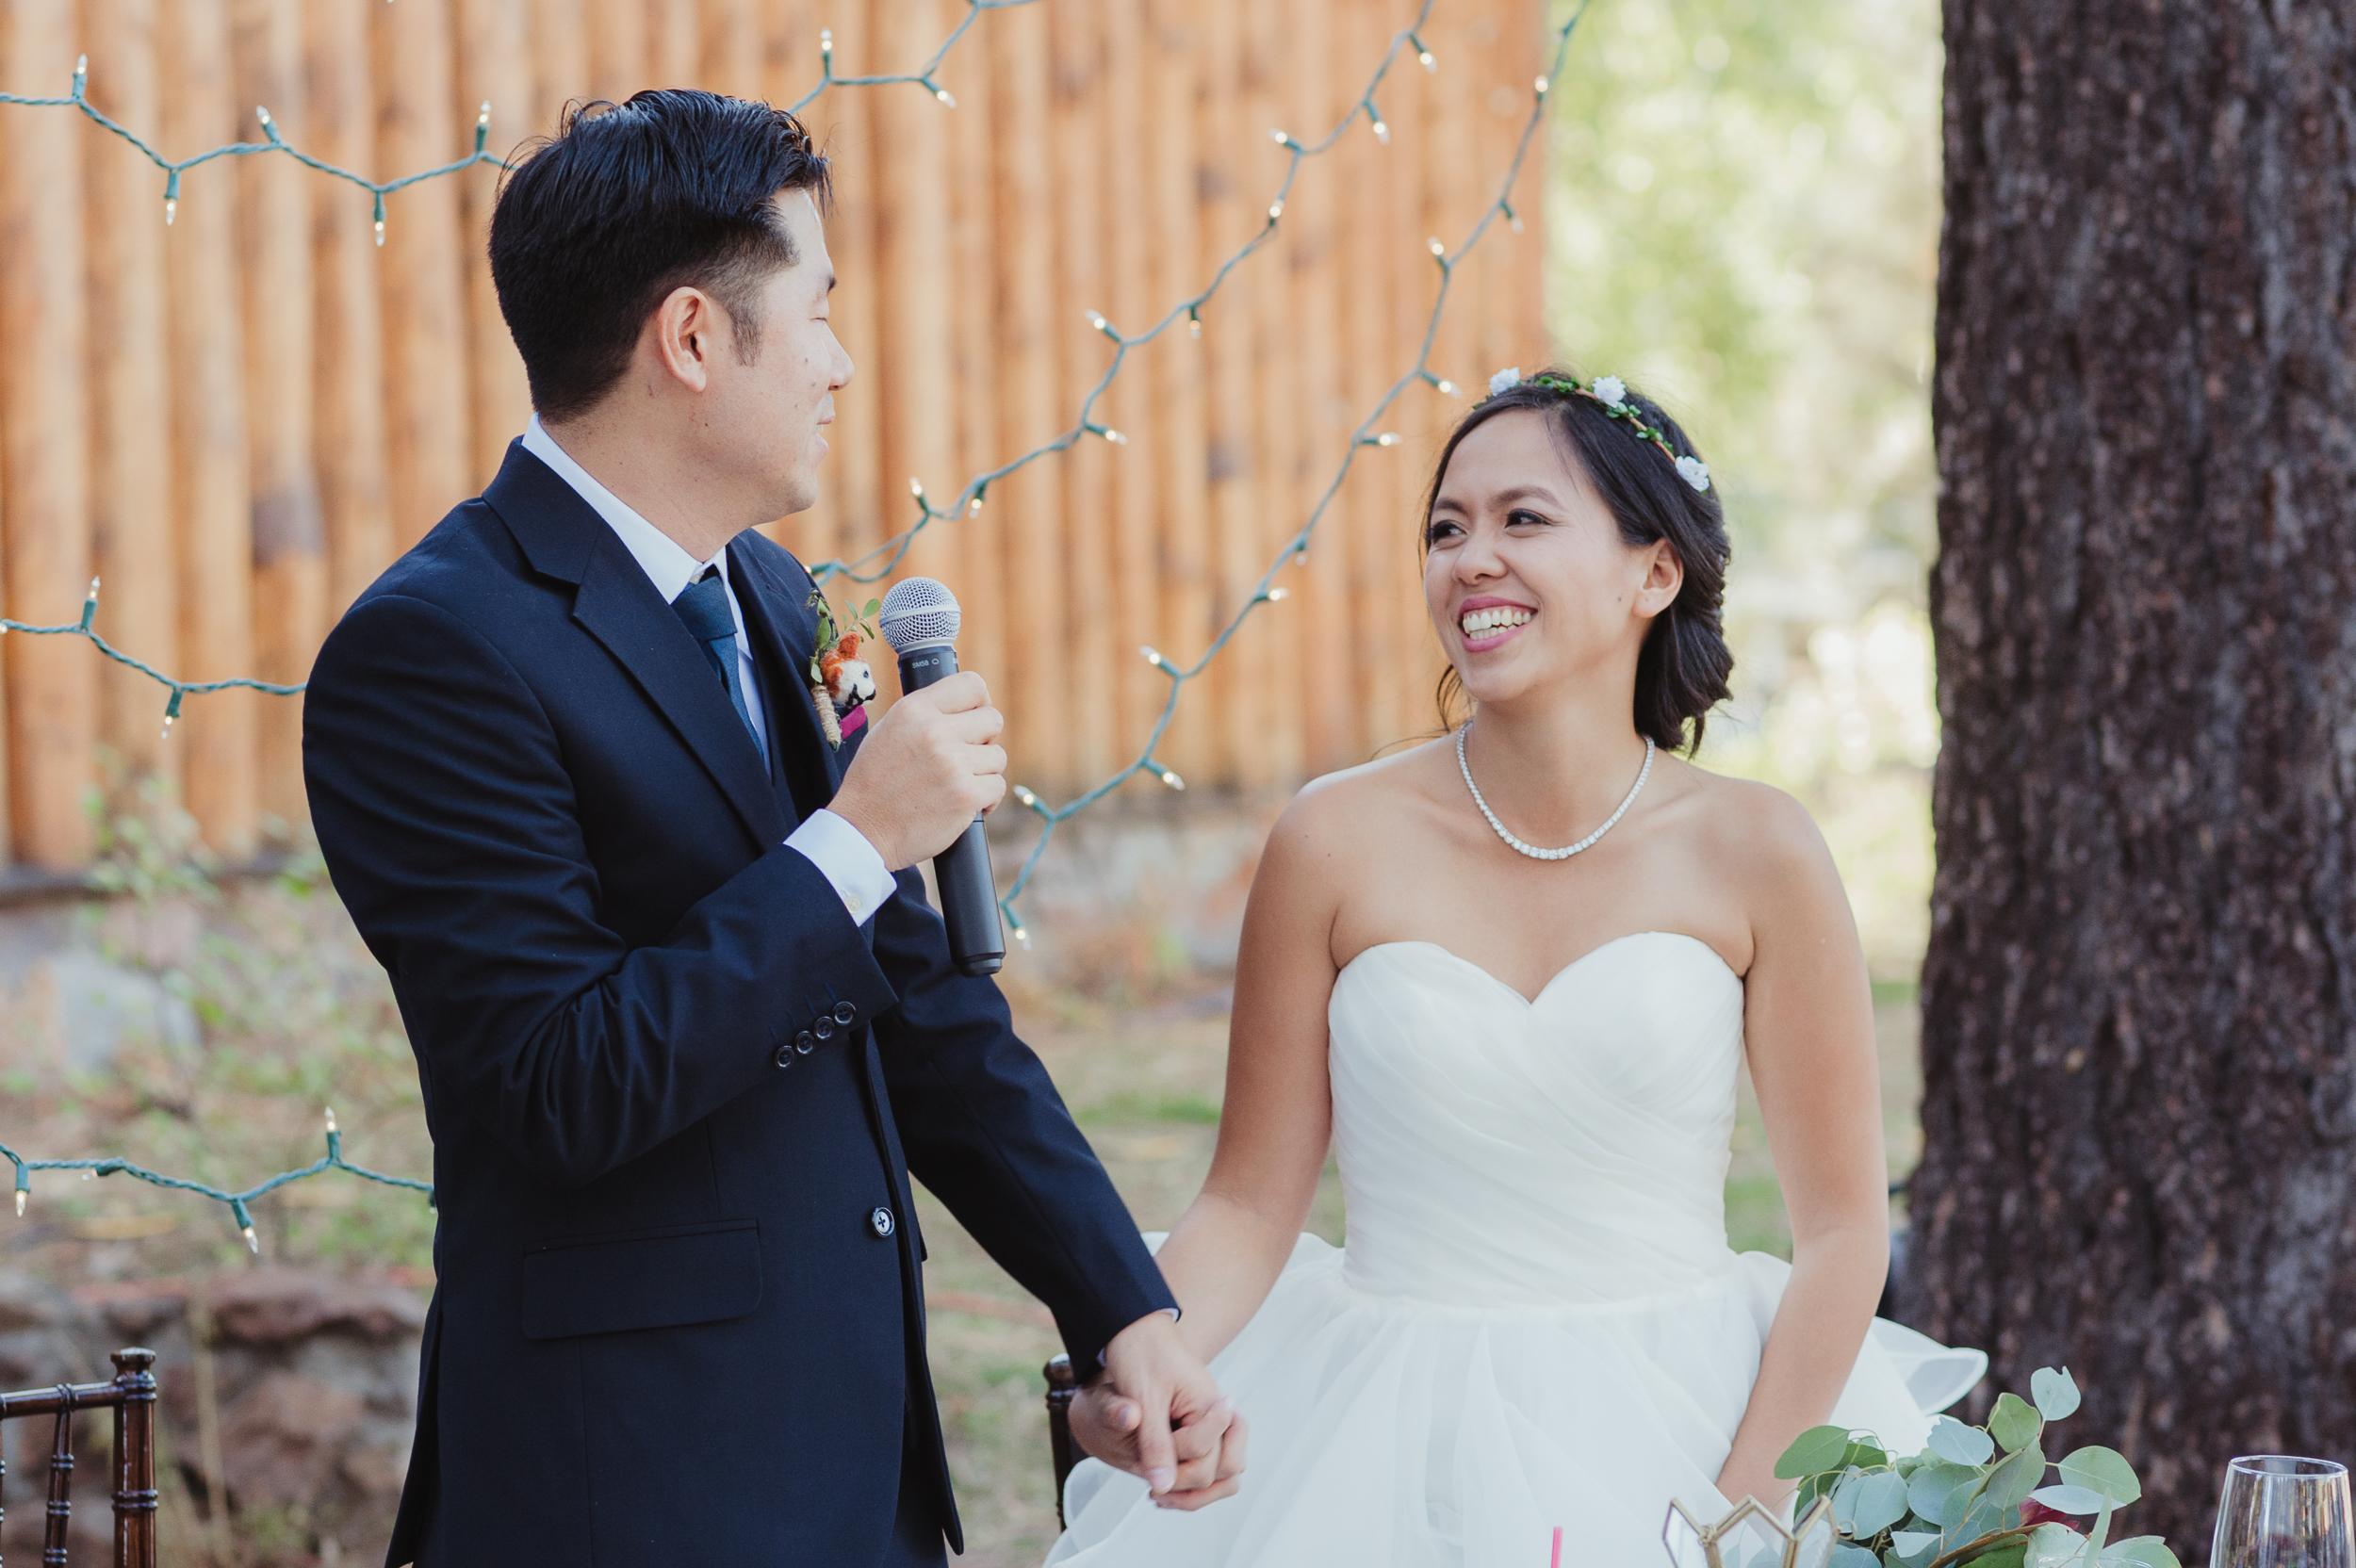 lake-tahoe-destination-wedding-vivianchen-42.jpg